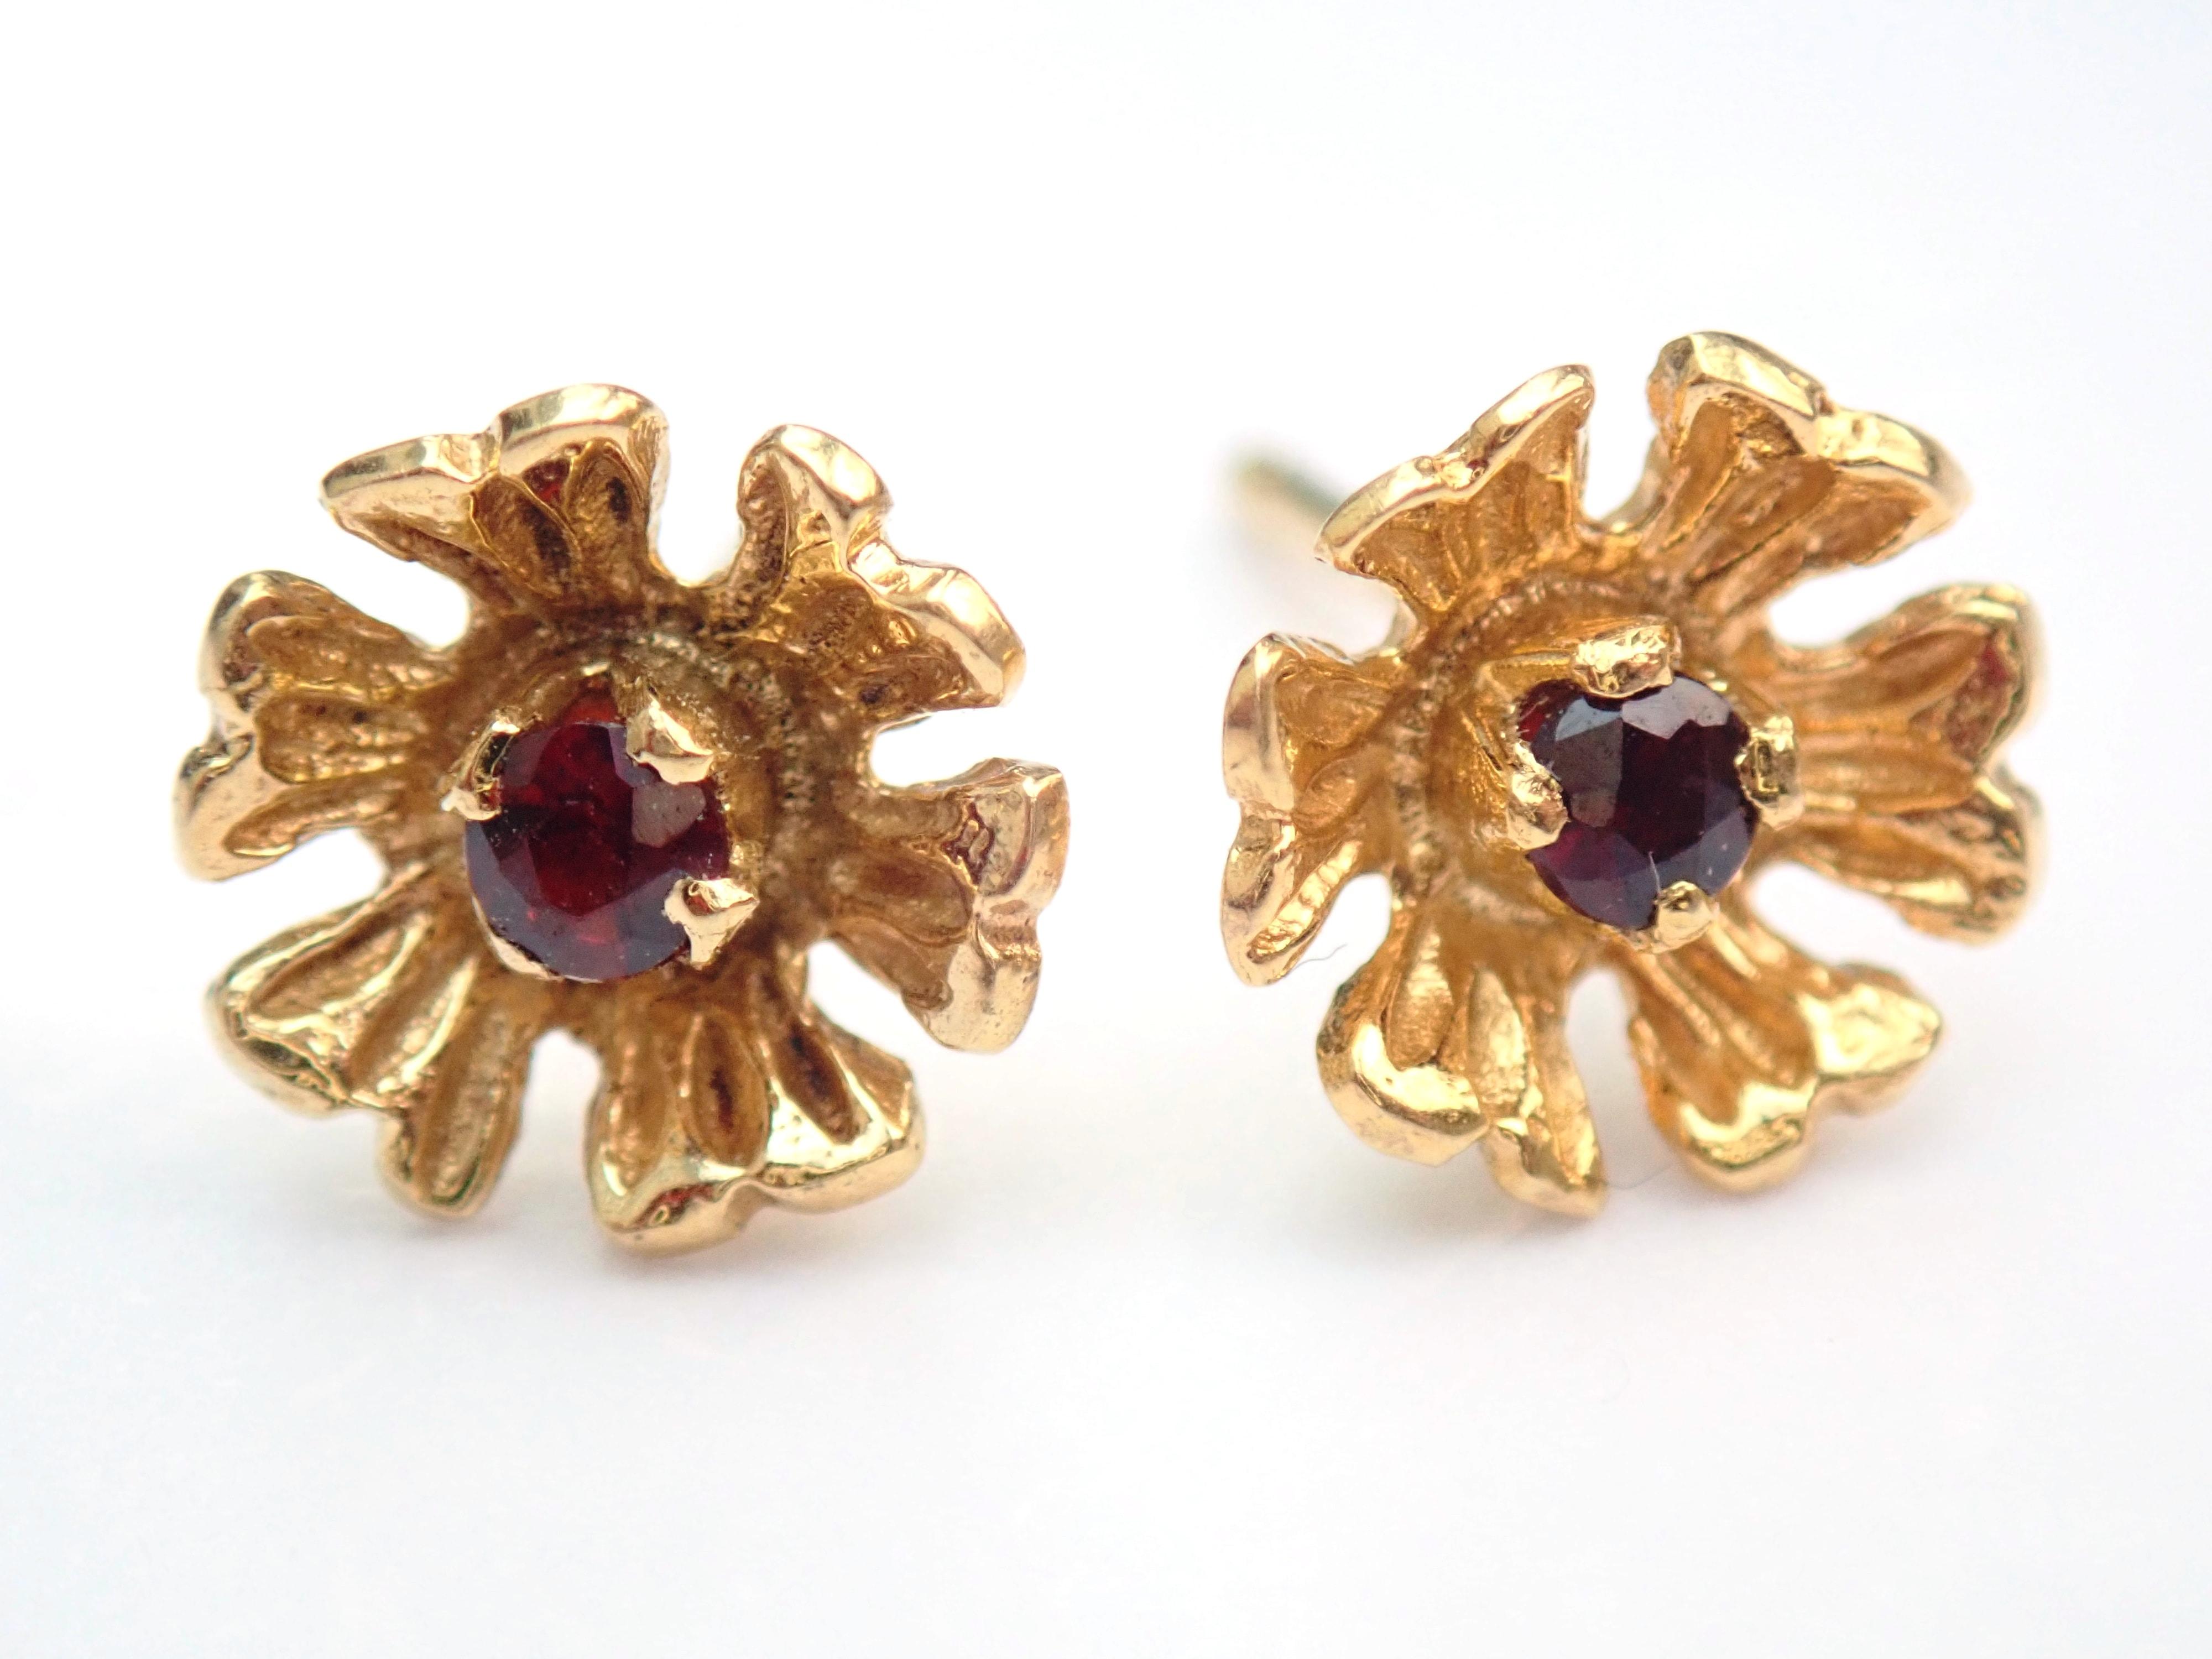 AZZ00636 - Stunning! 18k 750 Yellow Gold Ruby- Flower Earrings Butterfly Backs 1.8gms #65